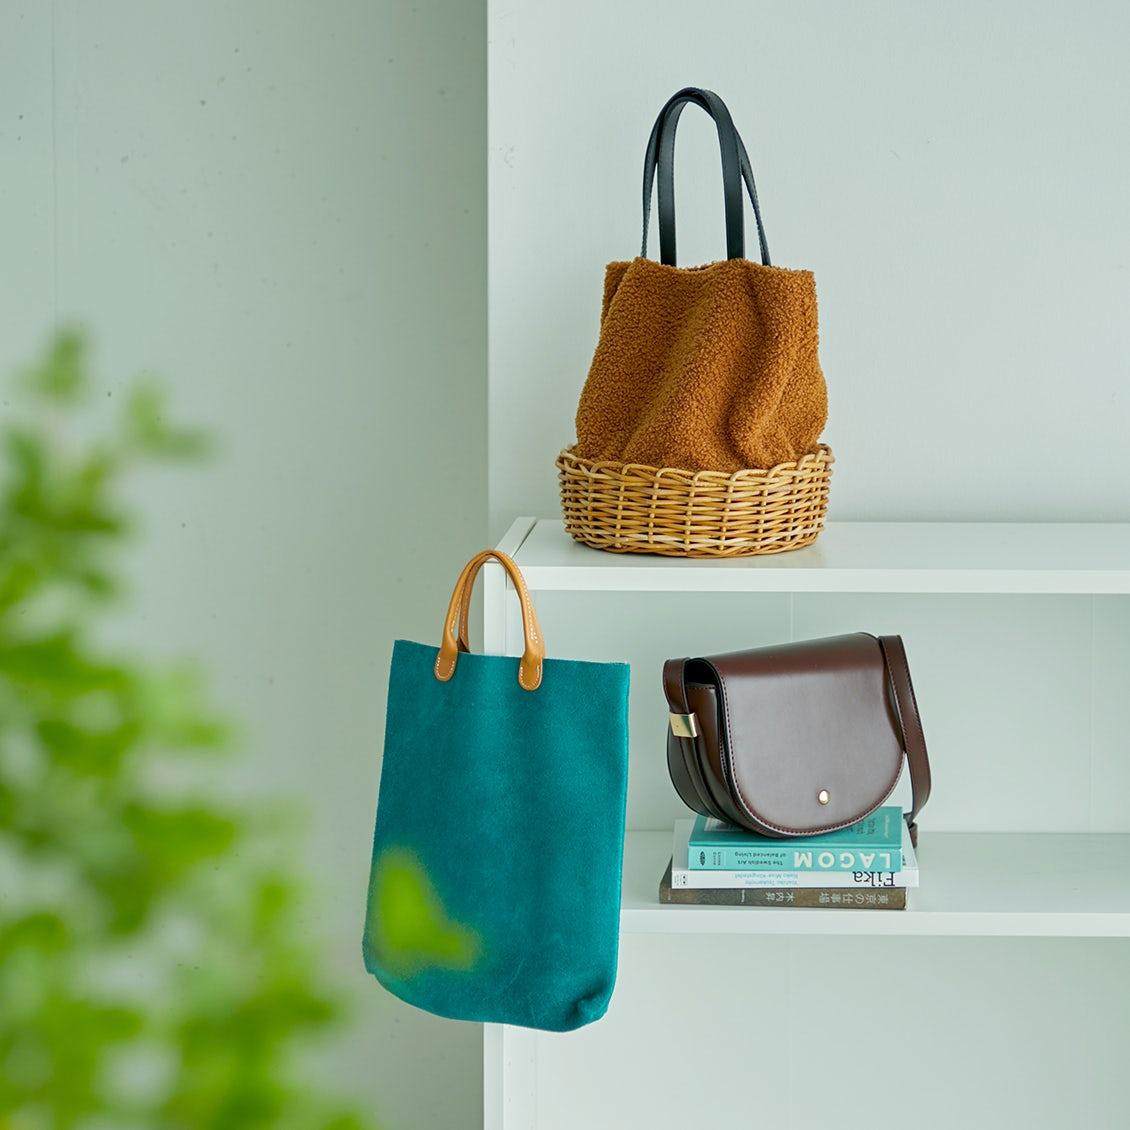 【秋色プラン】第3話:コツをつかめば取り入れやすさ満点!秋モードへシフトする素材別おすすめバッグ